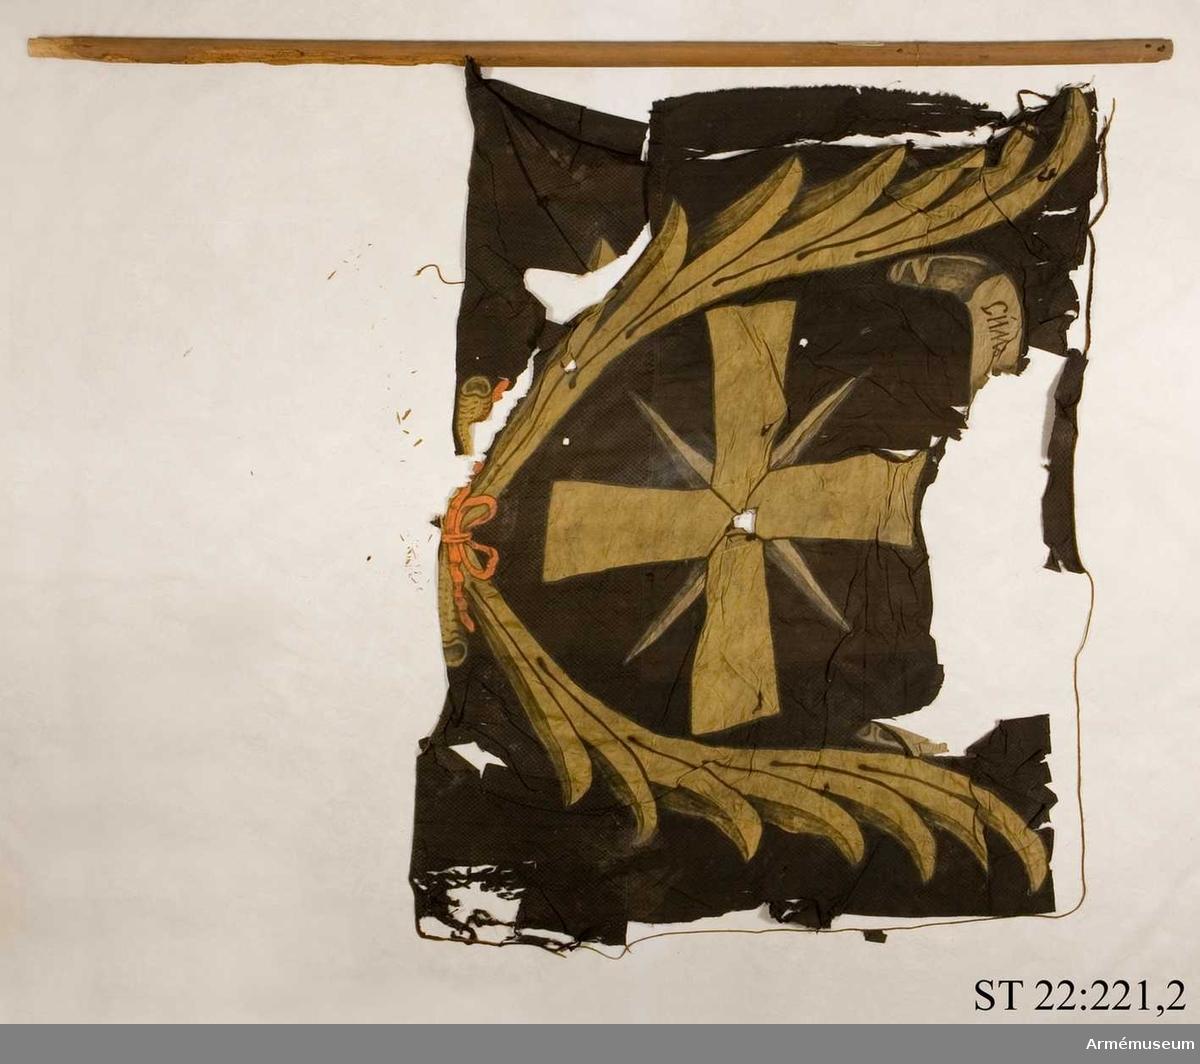 """Duk av svart sidendräll med infälld och målad dekor bestående av ett ursprungligen gult kors omgärdat av gula palmblad. I ett textband rysk text betydande: """"I detta tecken ska du segra"""". Duken saknar strumpa och är fäst vid en sekundär stång."""